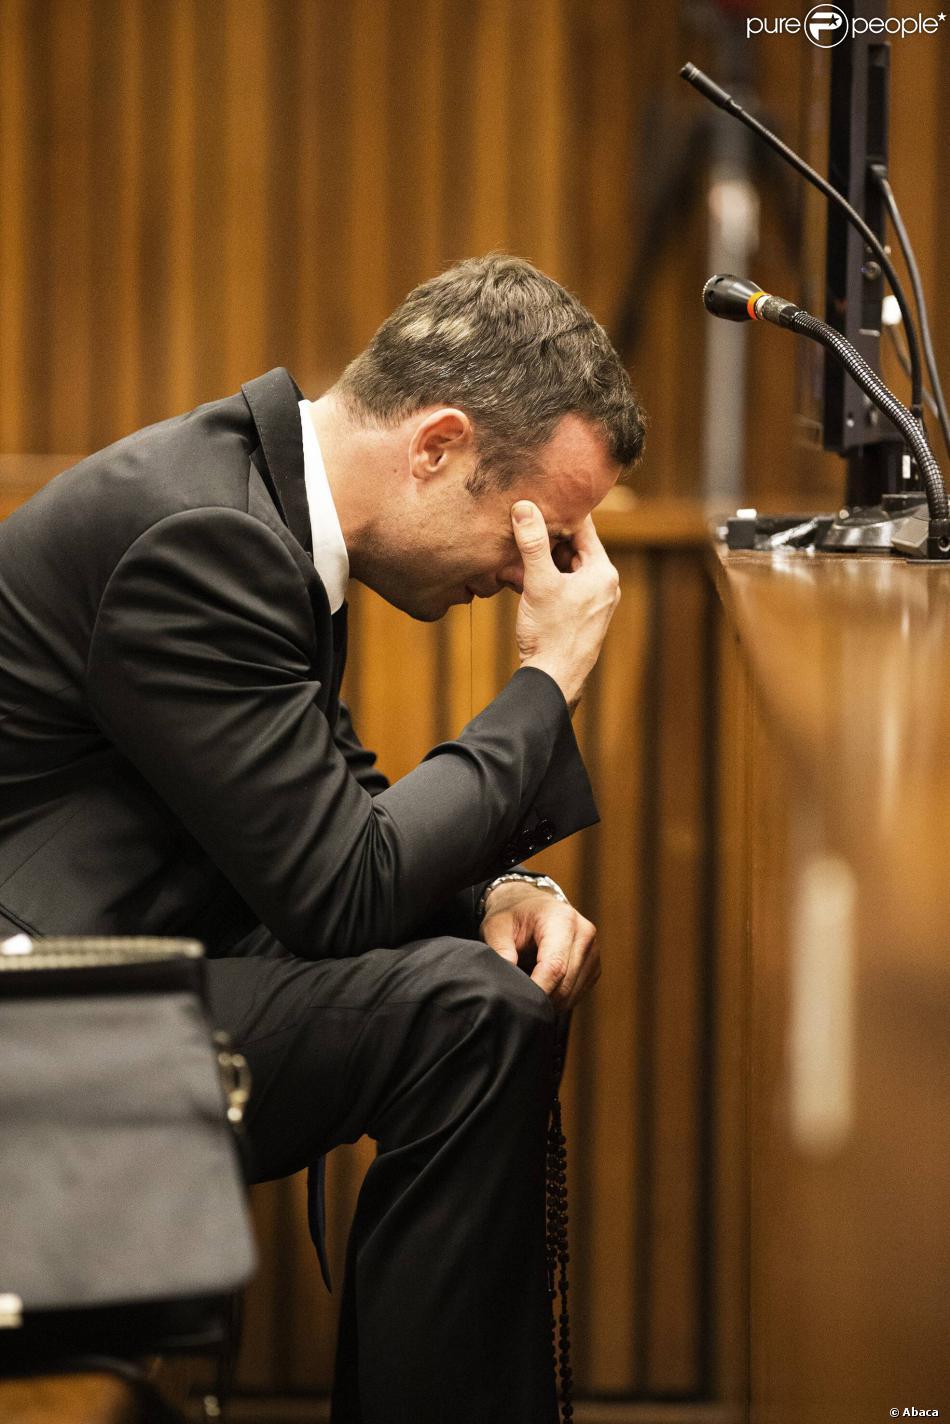 Oscar Pistorius lors de son procès devant le tribunal de Pretoria, où il doit répondre du meurtre de Reeva Steenkamp, le 6 mars 2014